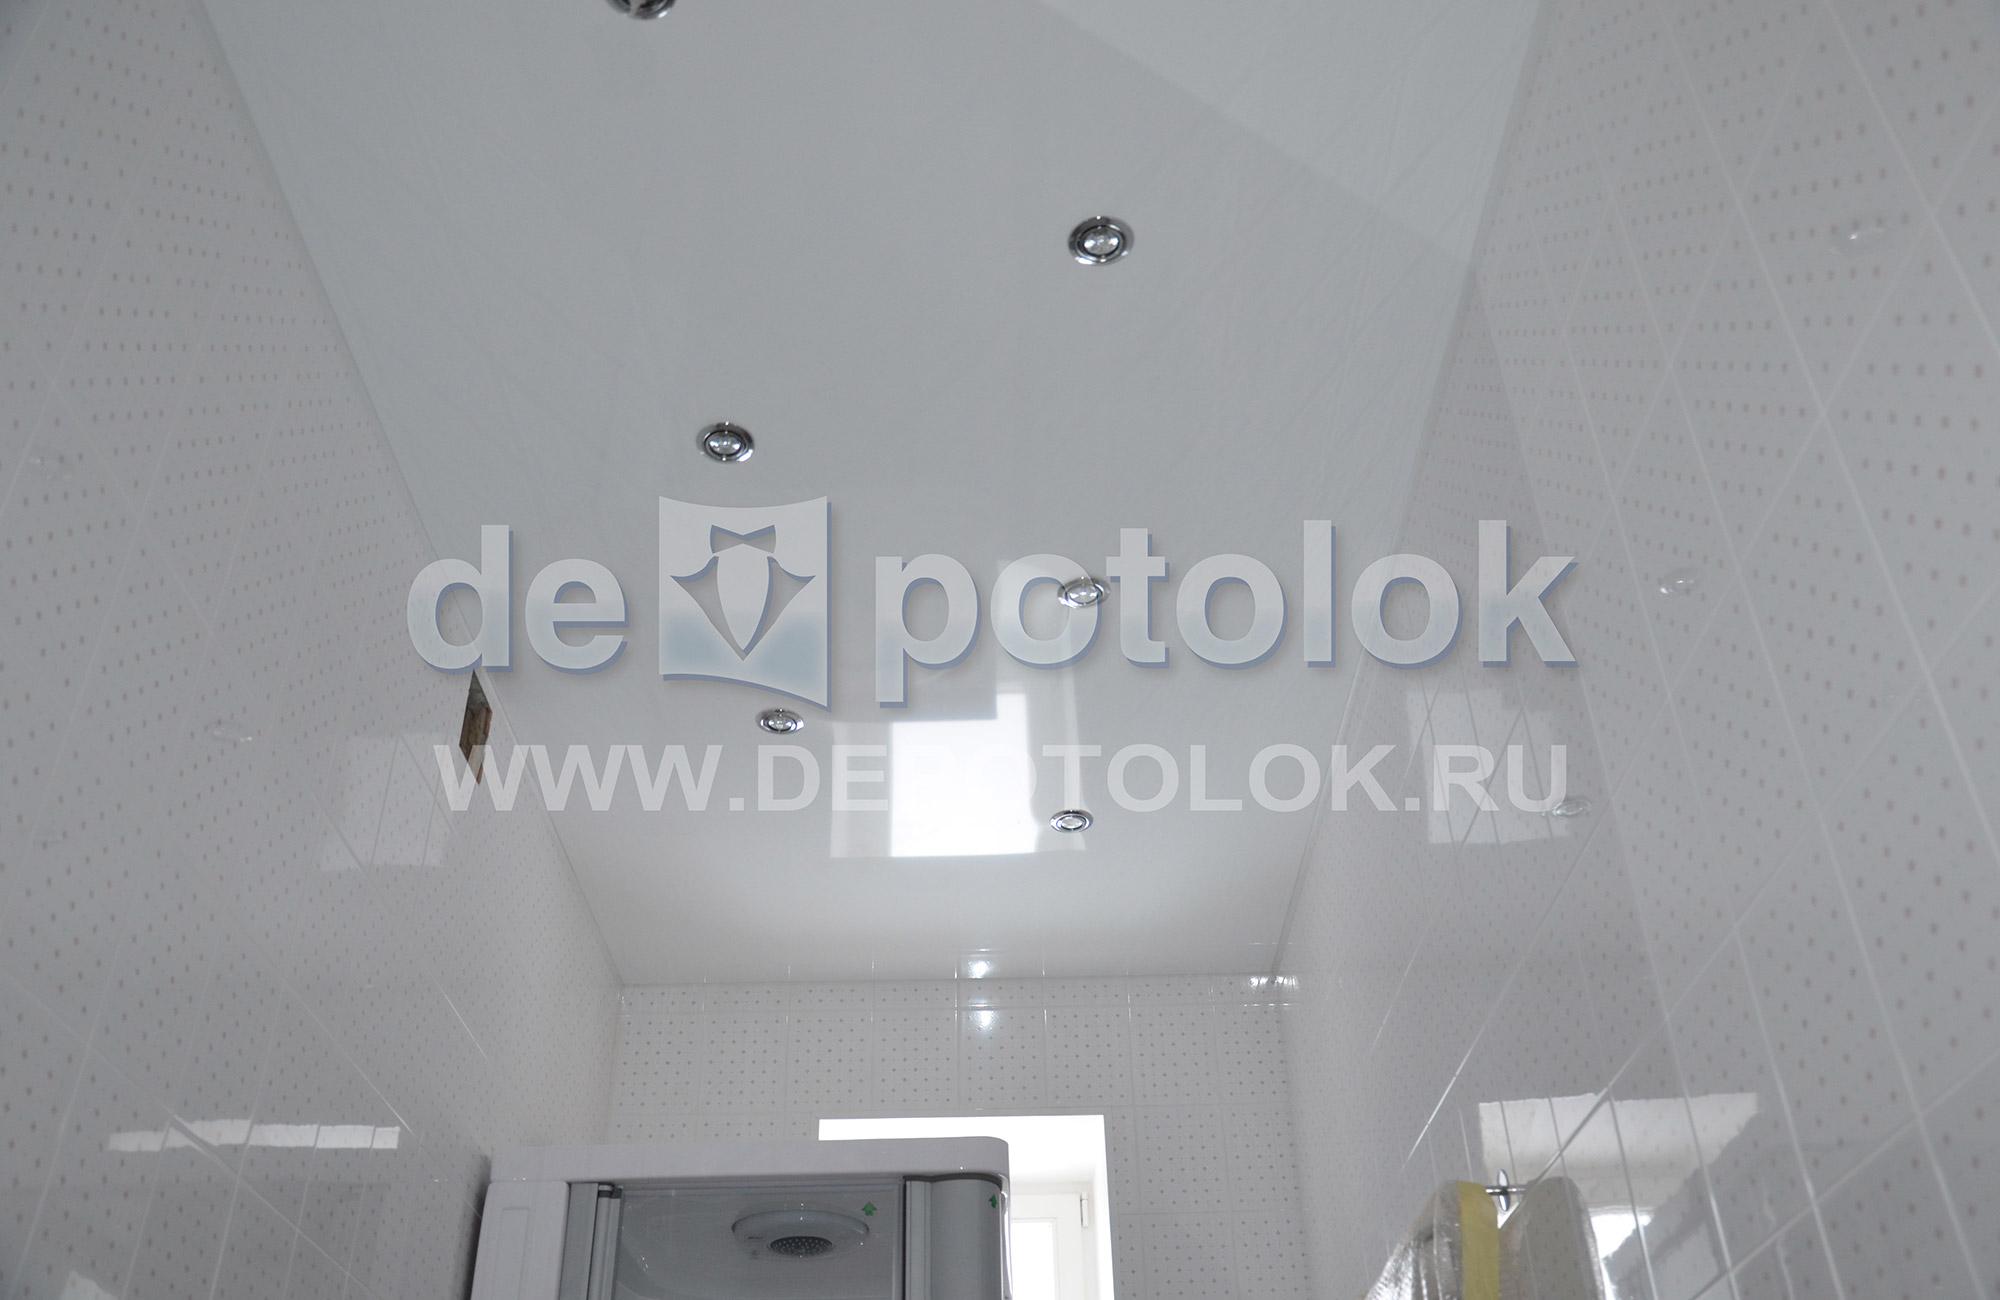 Светильники в натяжном потолке схема размещения фото